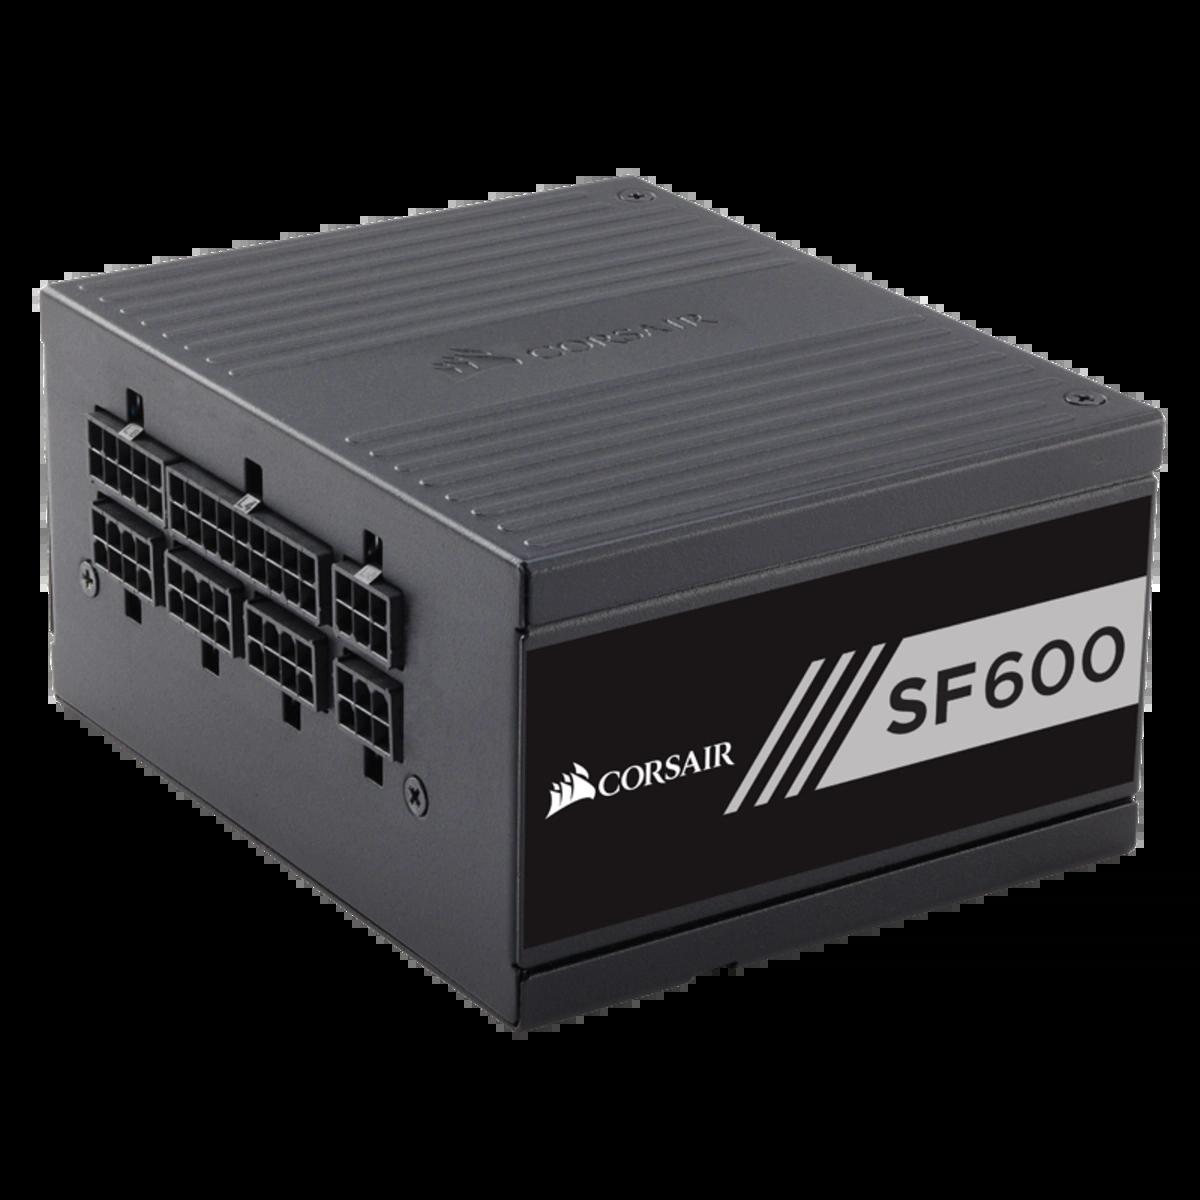 Fonte Corsair SFX SF600 600W, 80 Plus Gold, Modular, PFC Ativo, CP-9020105-WW